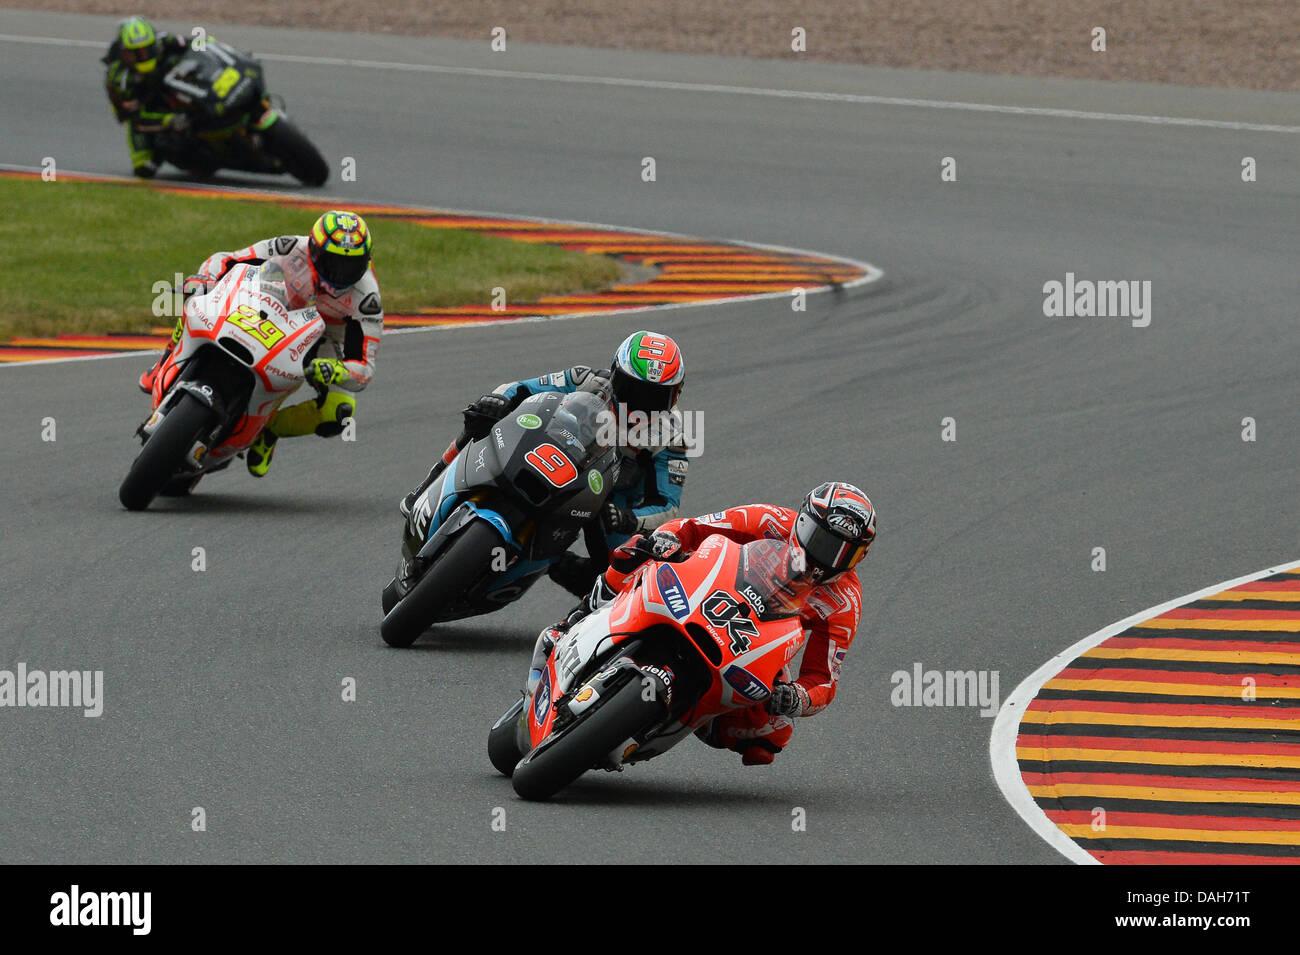 Oberlungwitz, Germany. 13th july 2013. Andrea Dovizioso (Ducati Team) Danilo Petrucci (came iodaracing project) - Stock Image